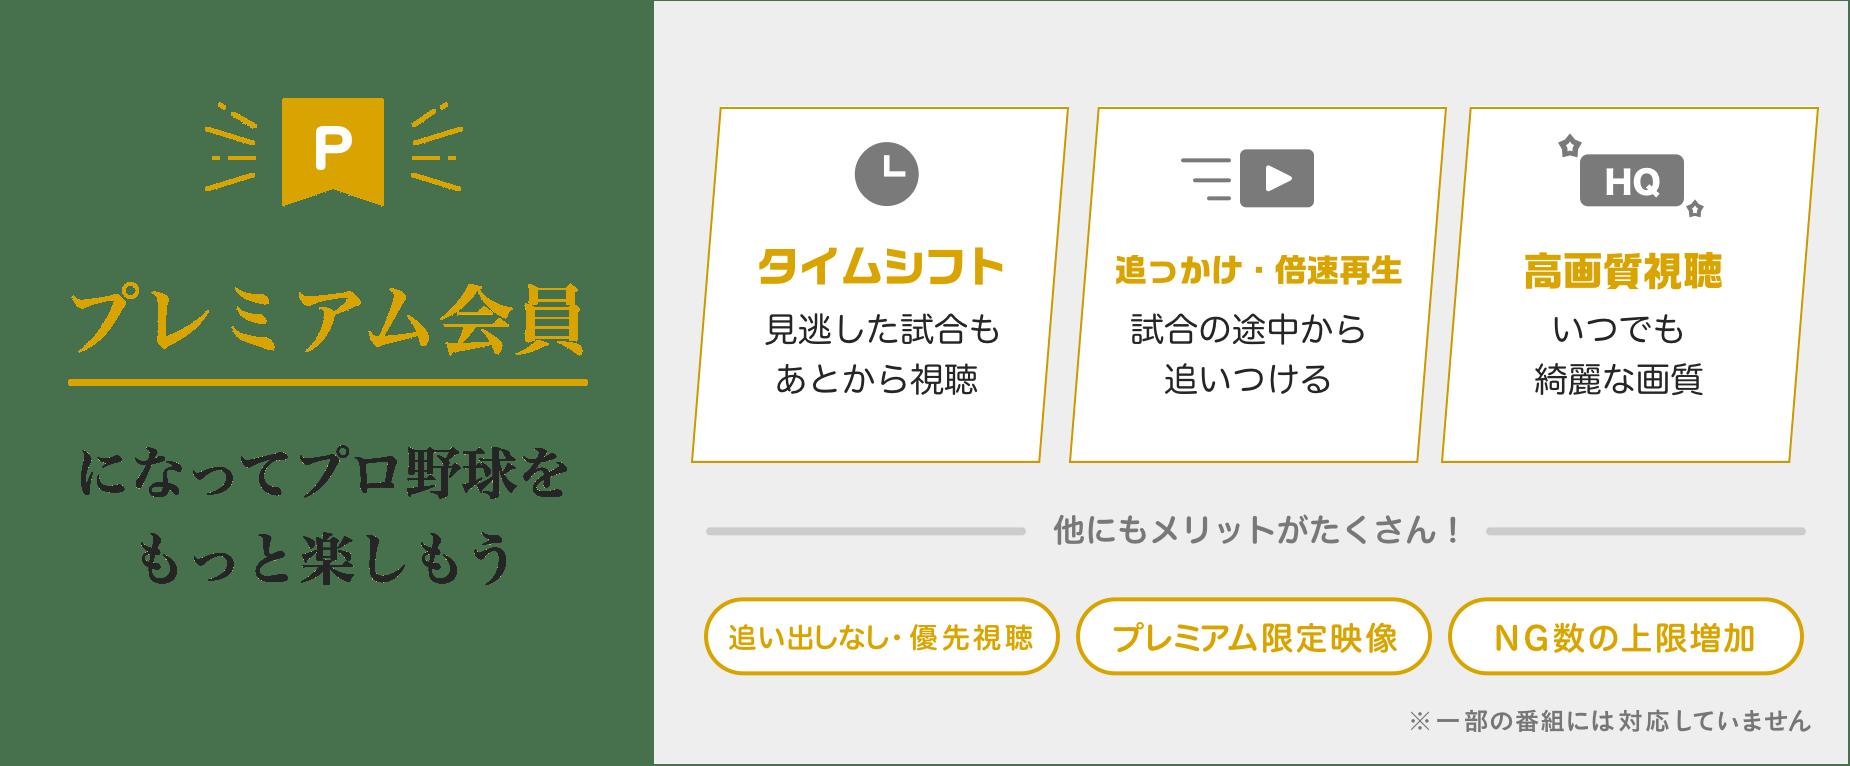 ニコニコ タイム シフト 予約